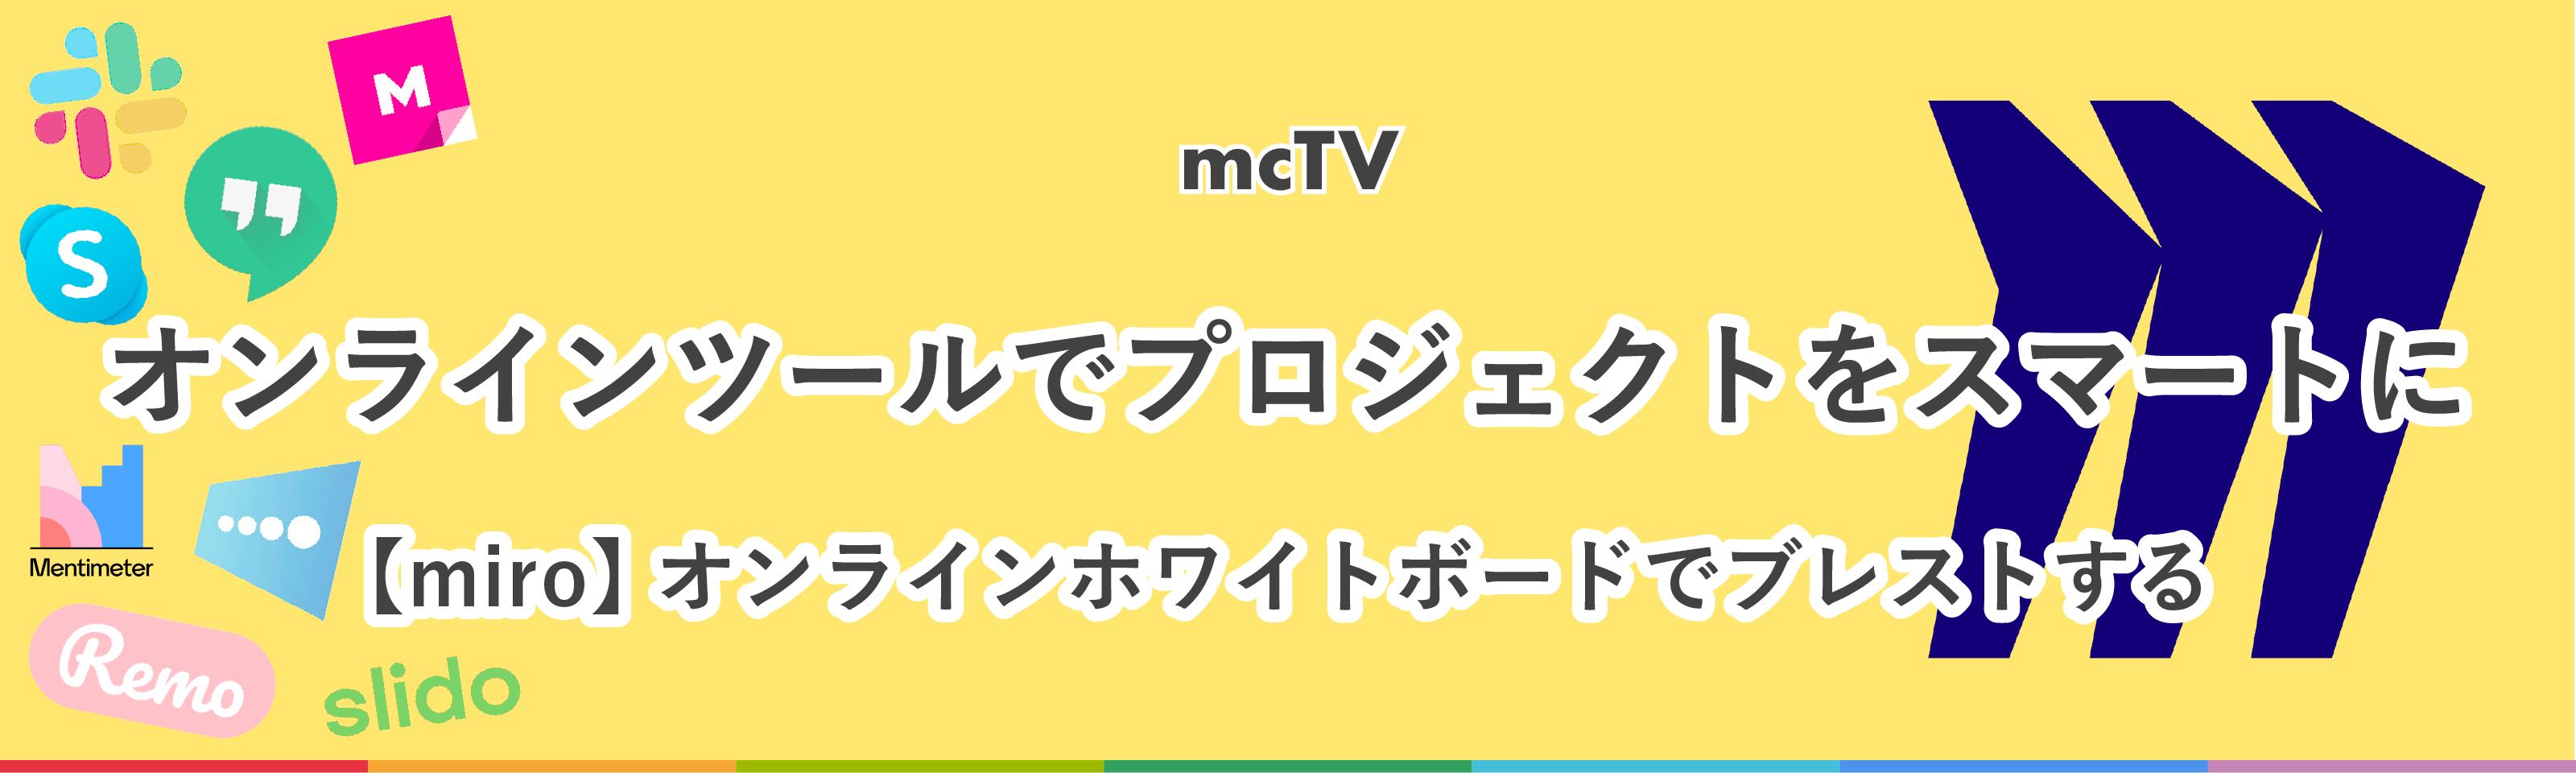 mcTV|Vol.1 オンラインホワイトボードでブレストする [ miro ]